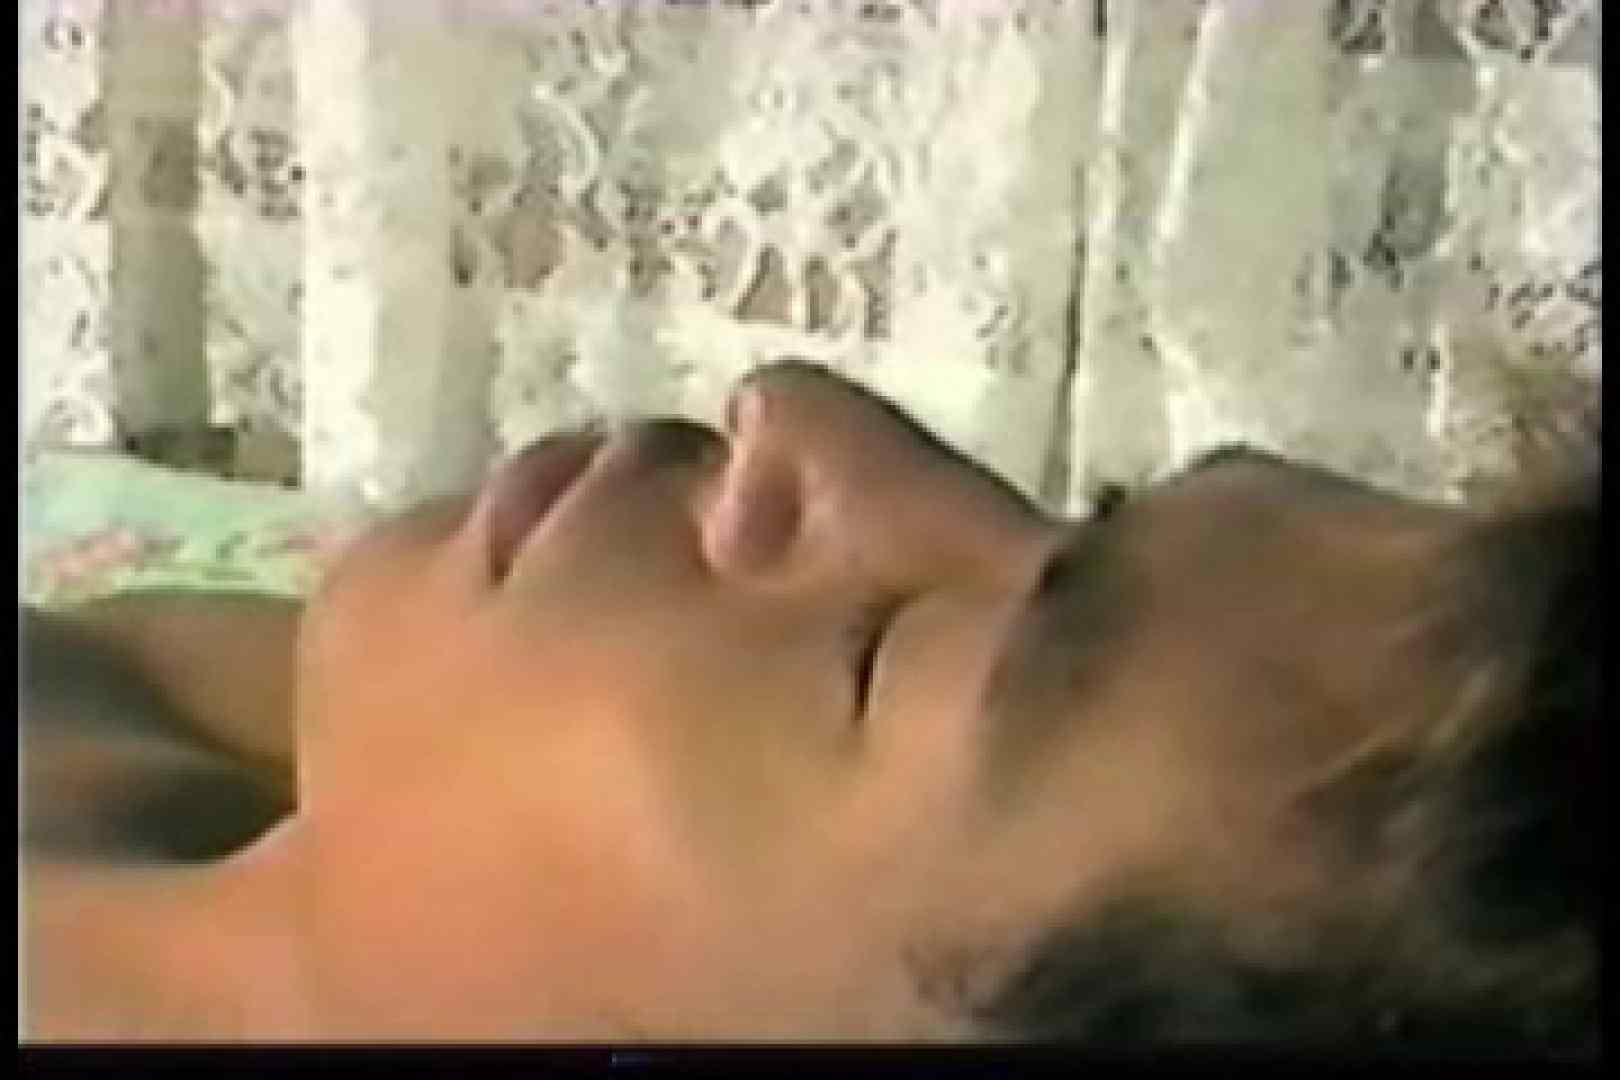 【自己製作販売ビデオ】オナニーフェラ挿入 仰天アナル ゲイアダルトビデオ画像 49pic 45